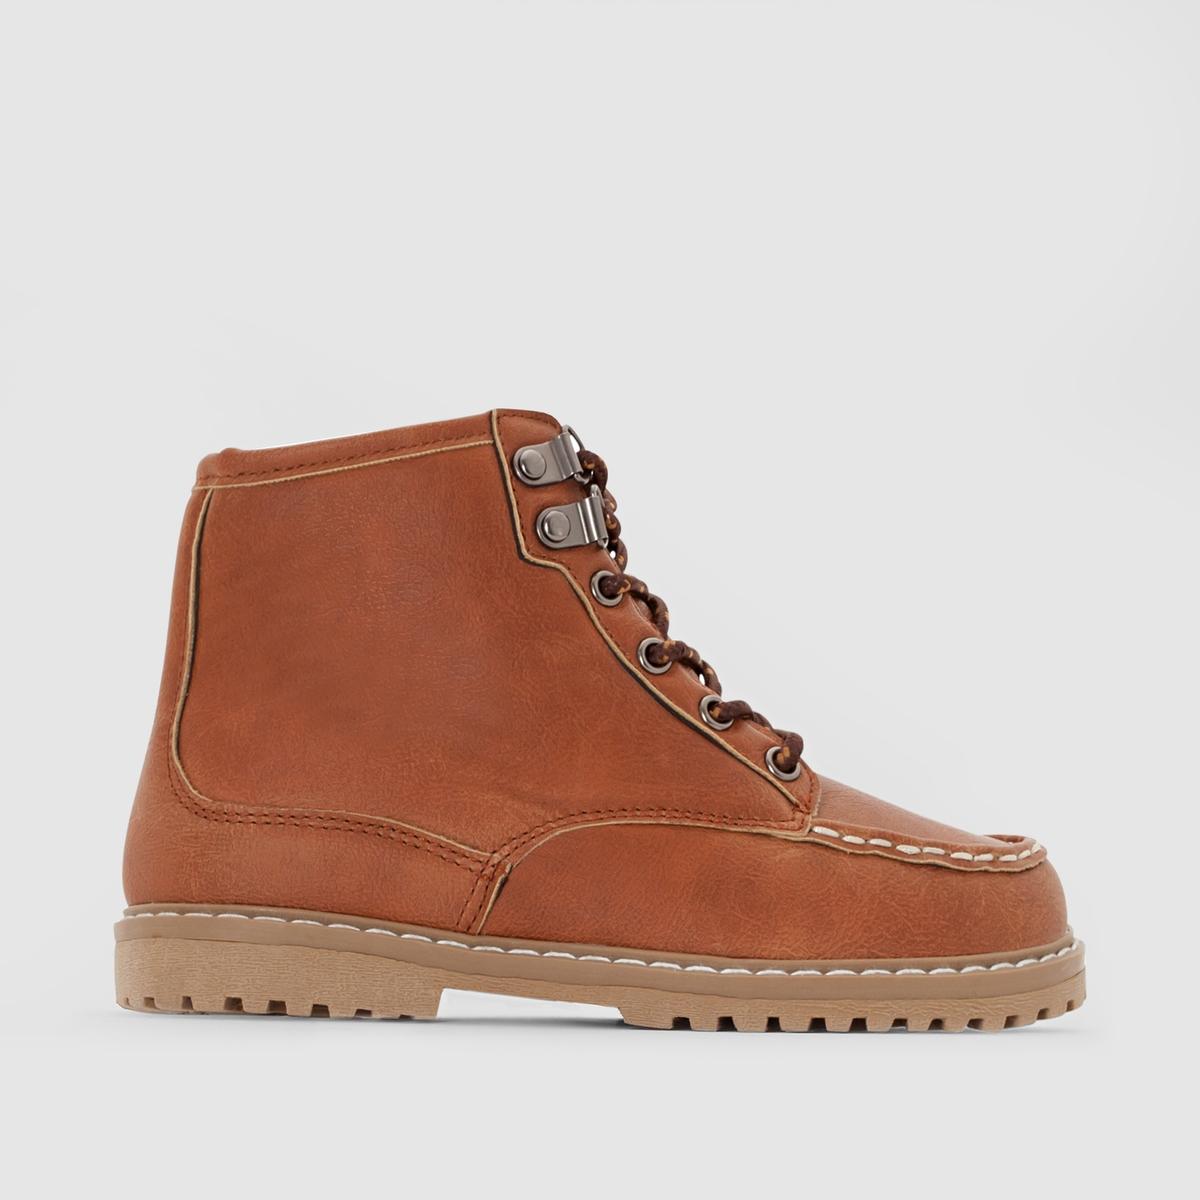 Ботинки горныеВоинственный стиль, надежная шнуровка с крючками, рифленая подошва и характер : ботинки, в которых ваши дети пройдут сотни дорог!<br><br>Цвет: темно-бежевый<br>Размер: 35.38.39